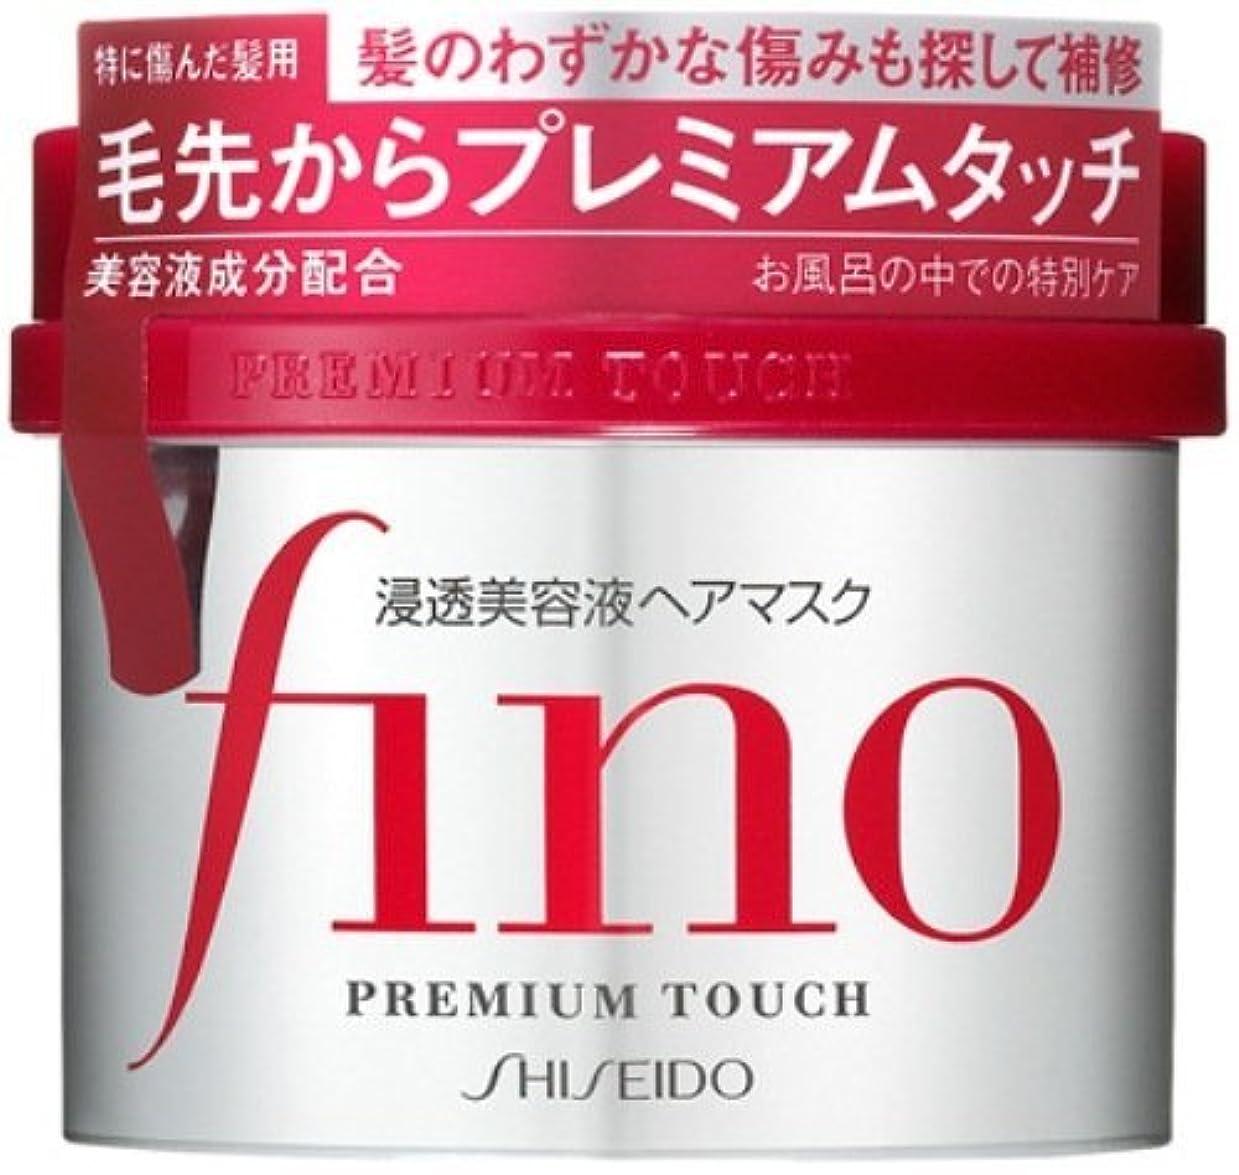 不満ラグ影響フィーノ浸透美容液ヘアマスク230G × 10個セット